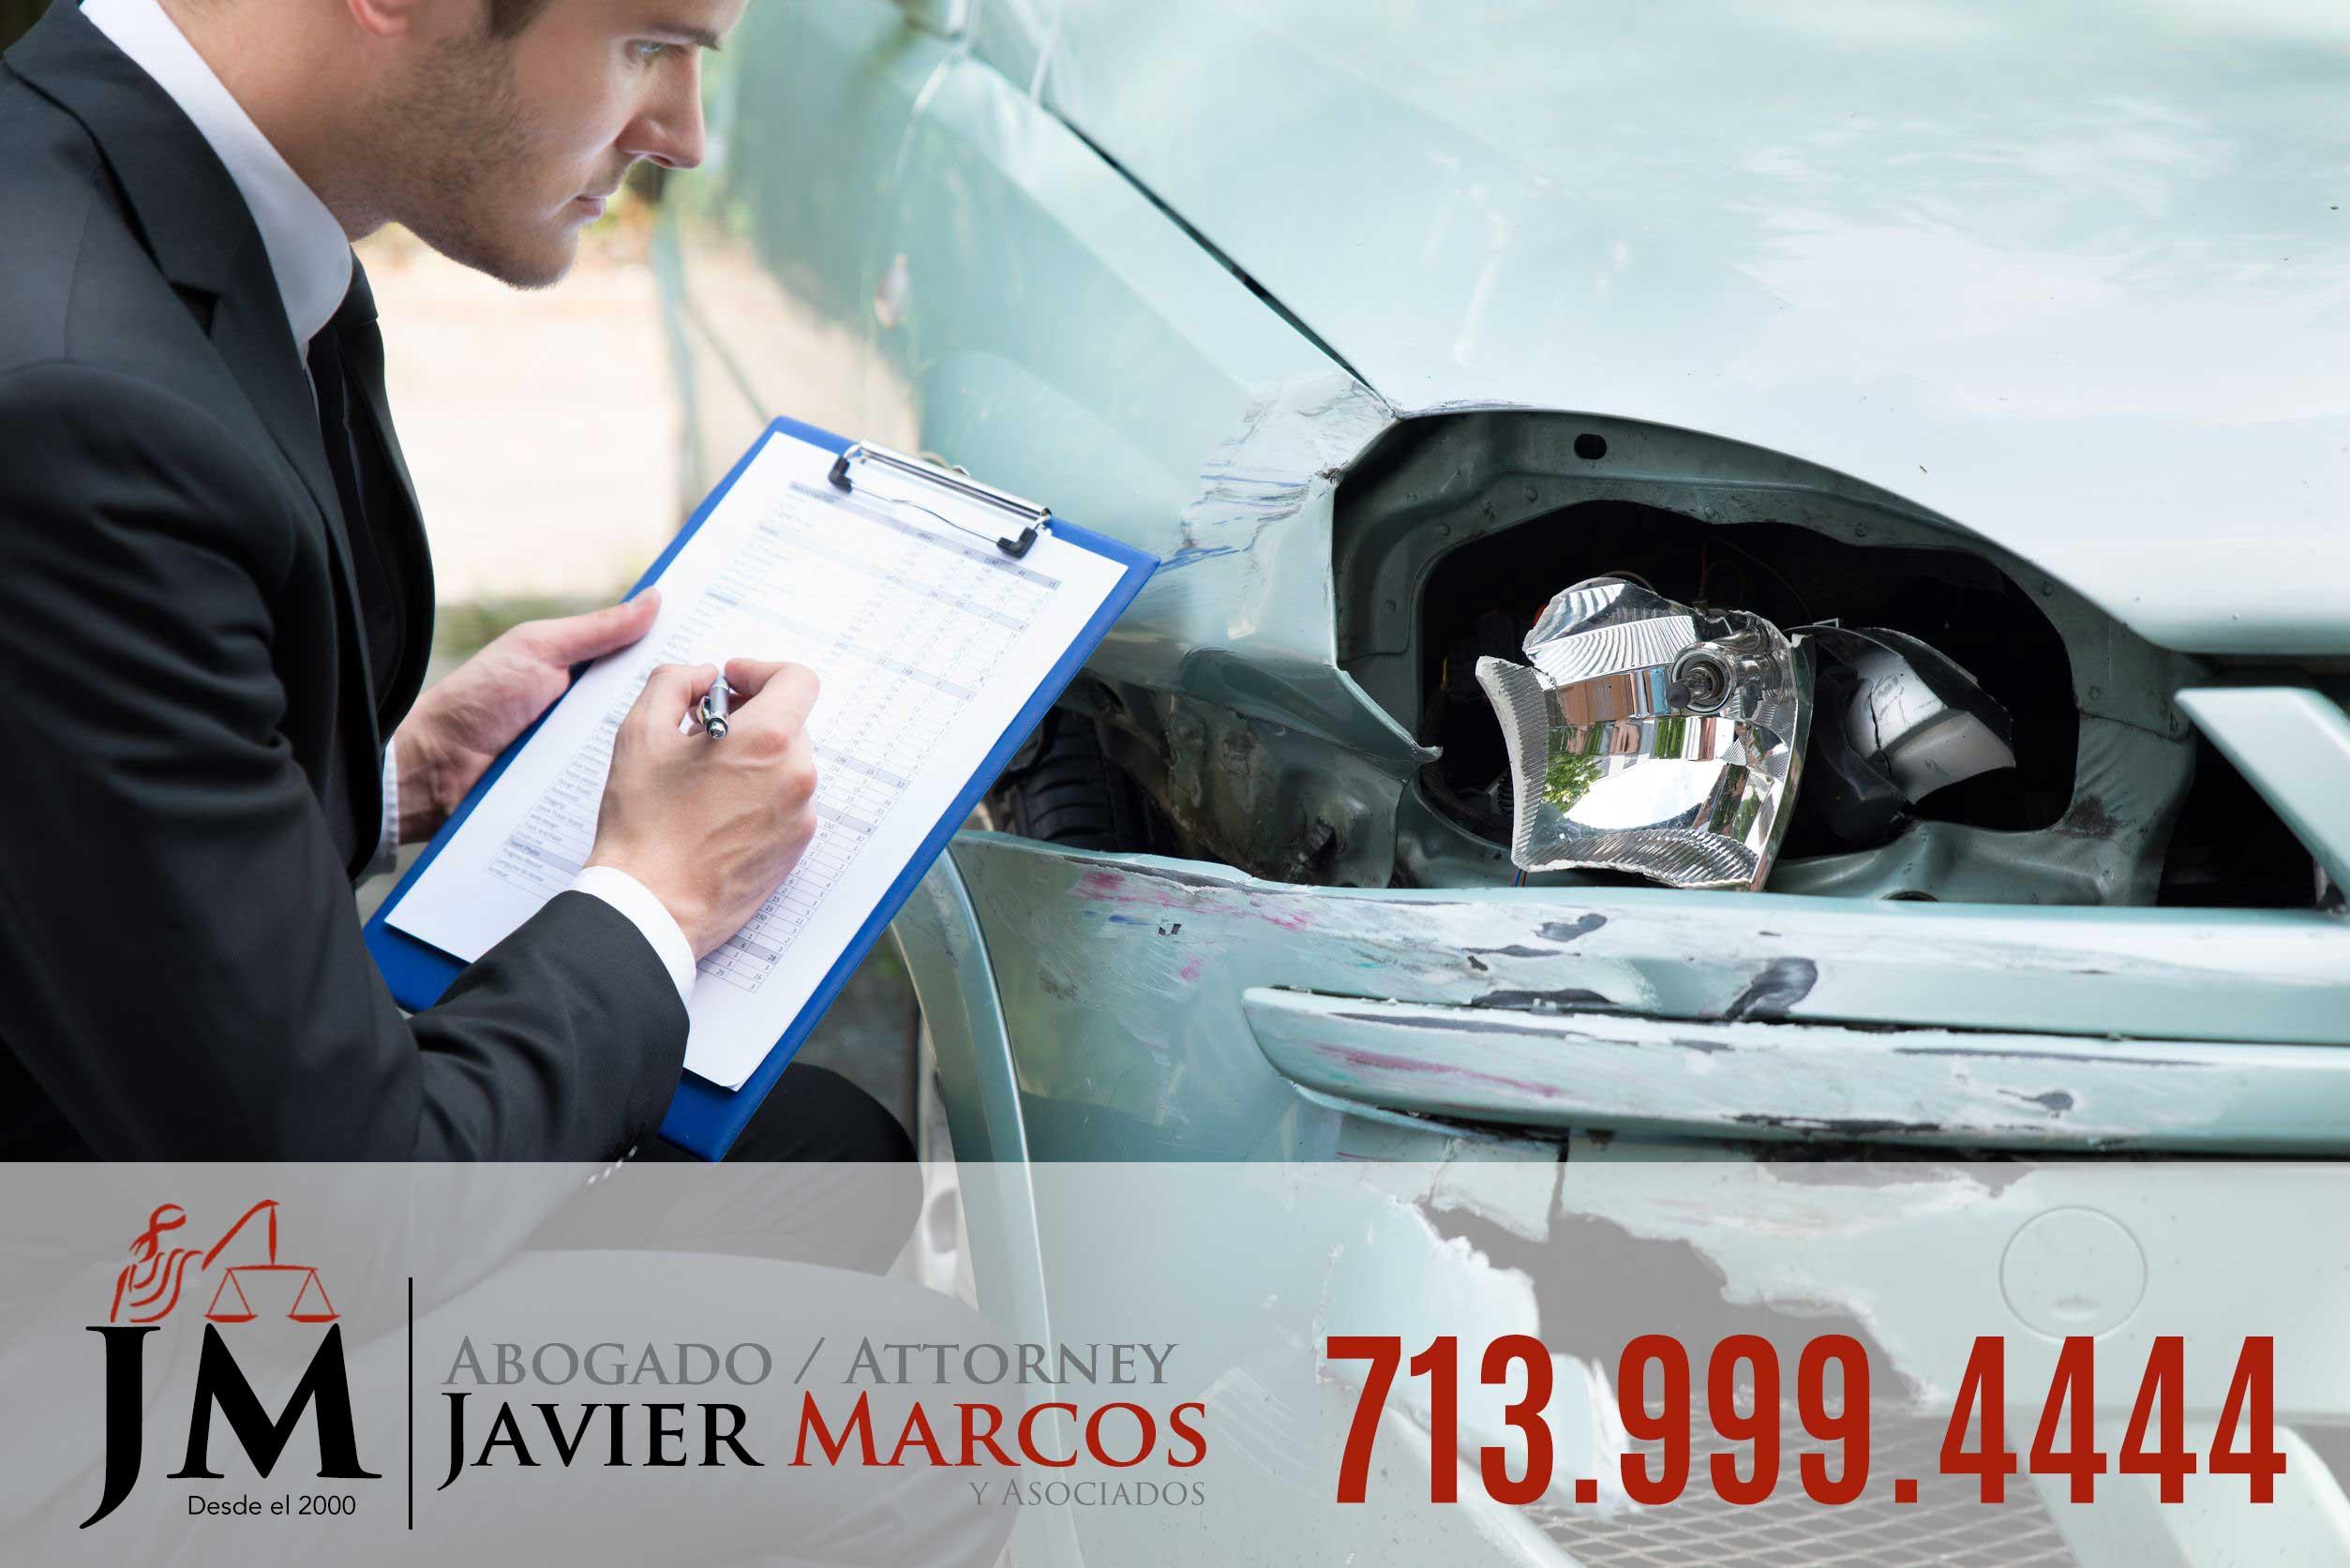 Seguro de accidente de carro   Abogado Javier Marcos 713.999.4444